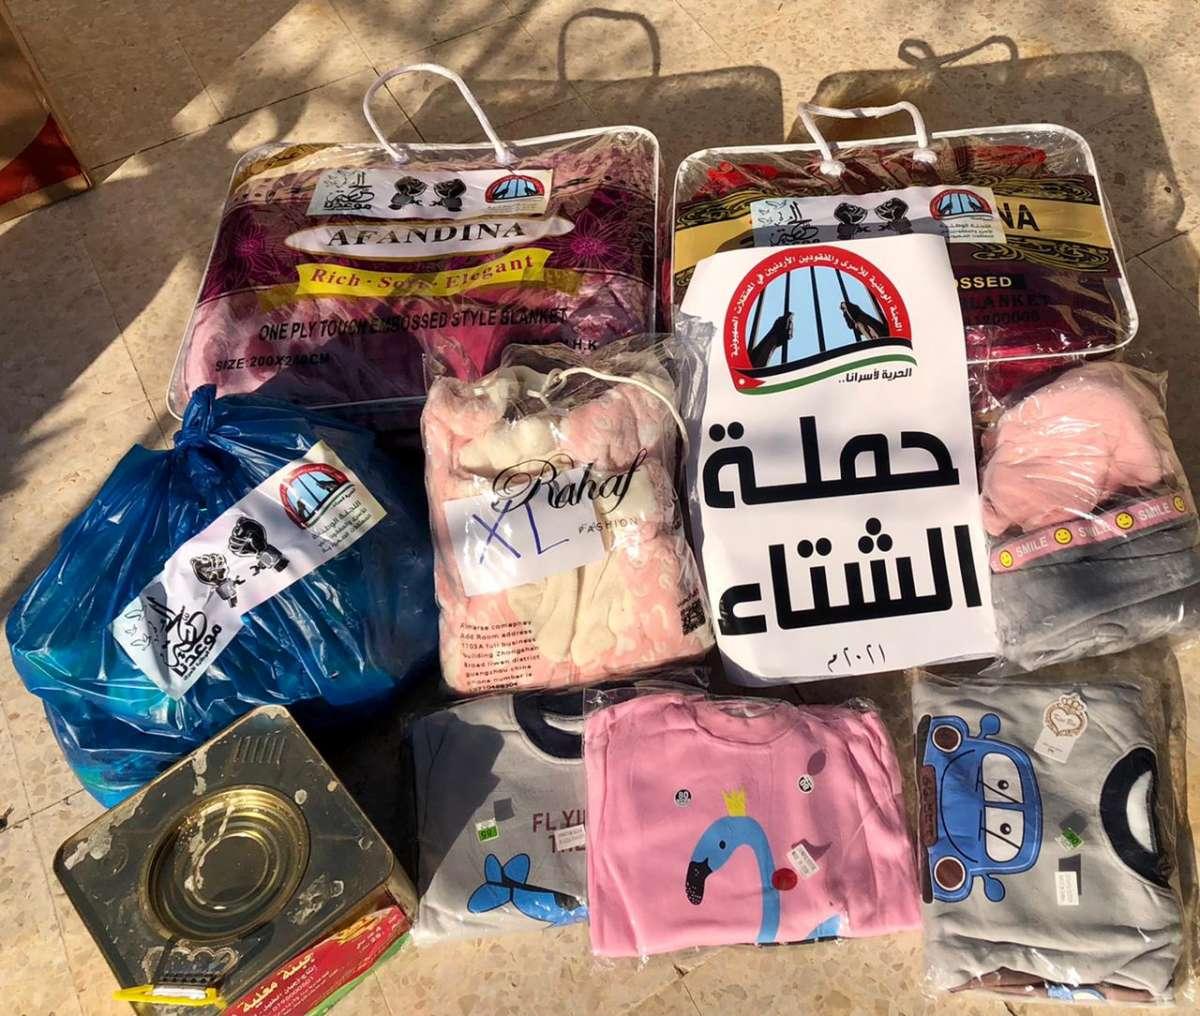 اللجنة الوطنية للأسرى توزع مساعدات دعما لذوي المعتقلين في سجون الاحتلال